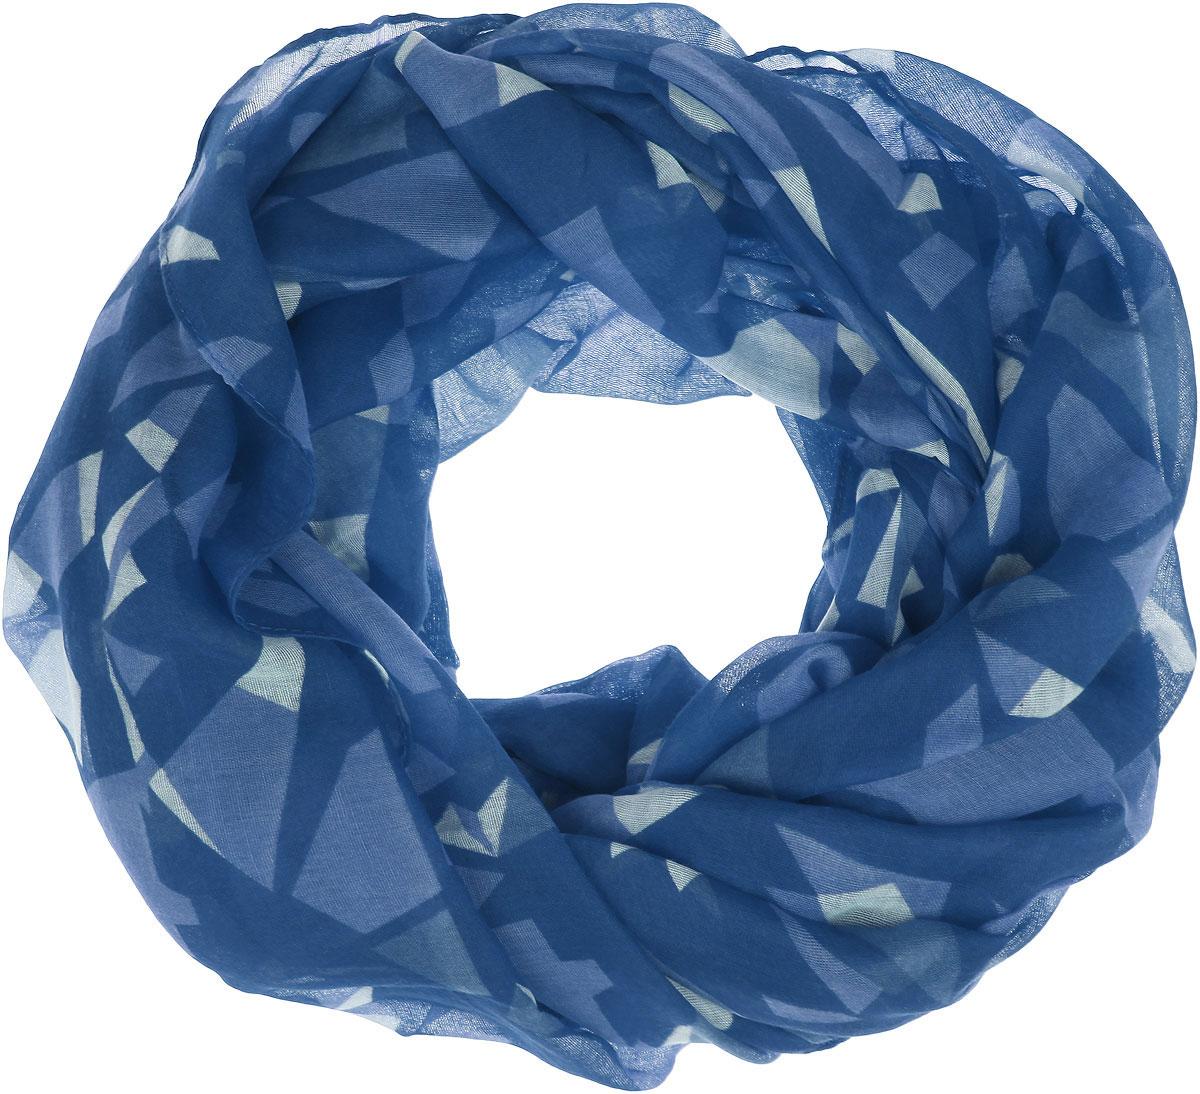 Палантин Sophie Ramage, цвет: синий, голубой. SJ-21424-4. Размер 90 см х 180 смSJ-21424-4Палантин Sophie Ramage позволит вам создать неповторимый и запоминающийся образ. Благодаря своему составу, в который входит вискоза с добавлением хлопка, он теплый, мягкий, имеет приятную на ощупь текстуру. Модель оформлена оригинальным принтом. Такой аксессуар станет стильным дополнением к гардеробу современной женщины, а также подаритощущение комфорта, тепла и уюта в прохладную погоду.